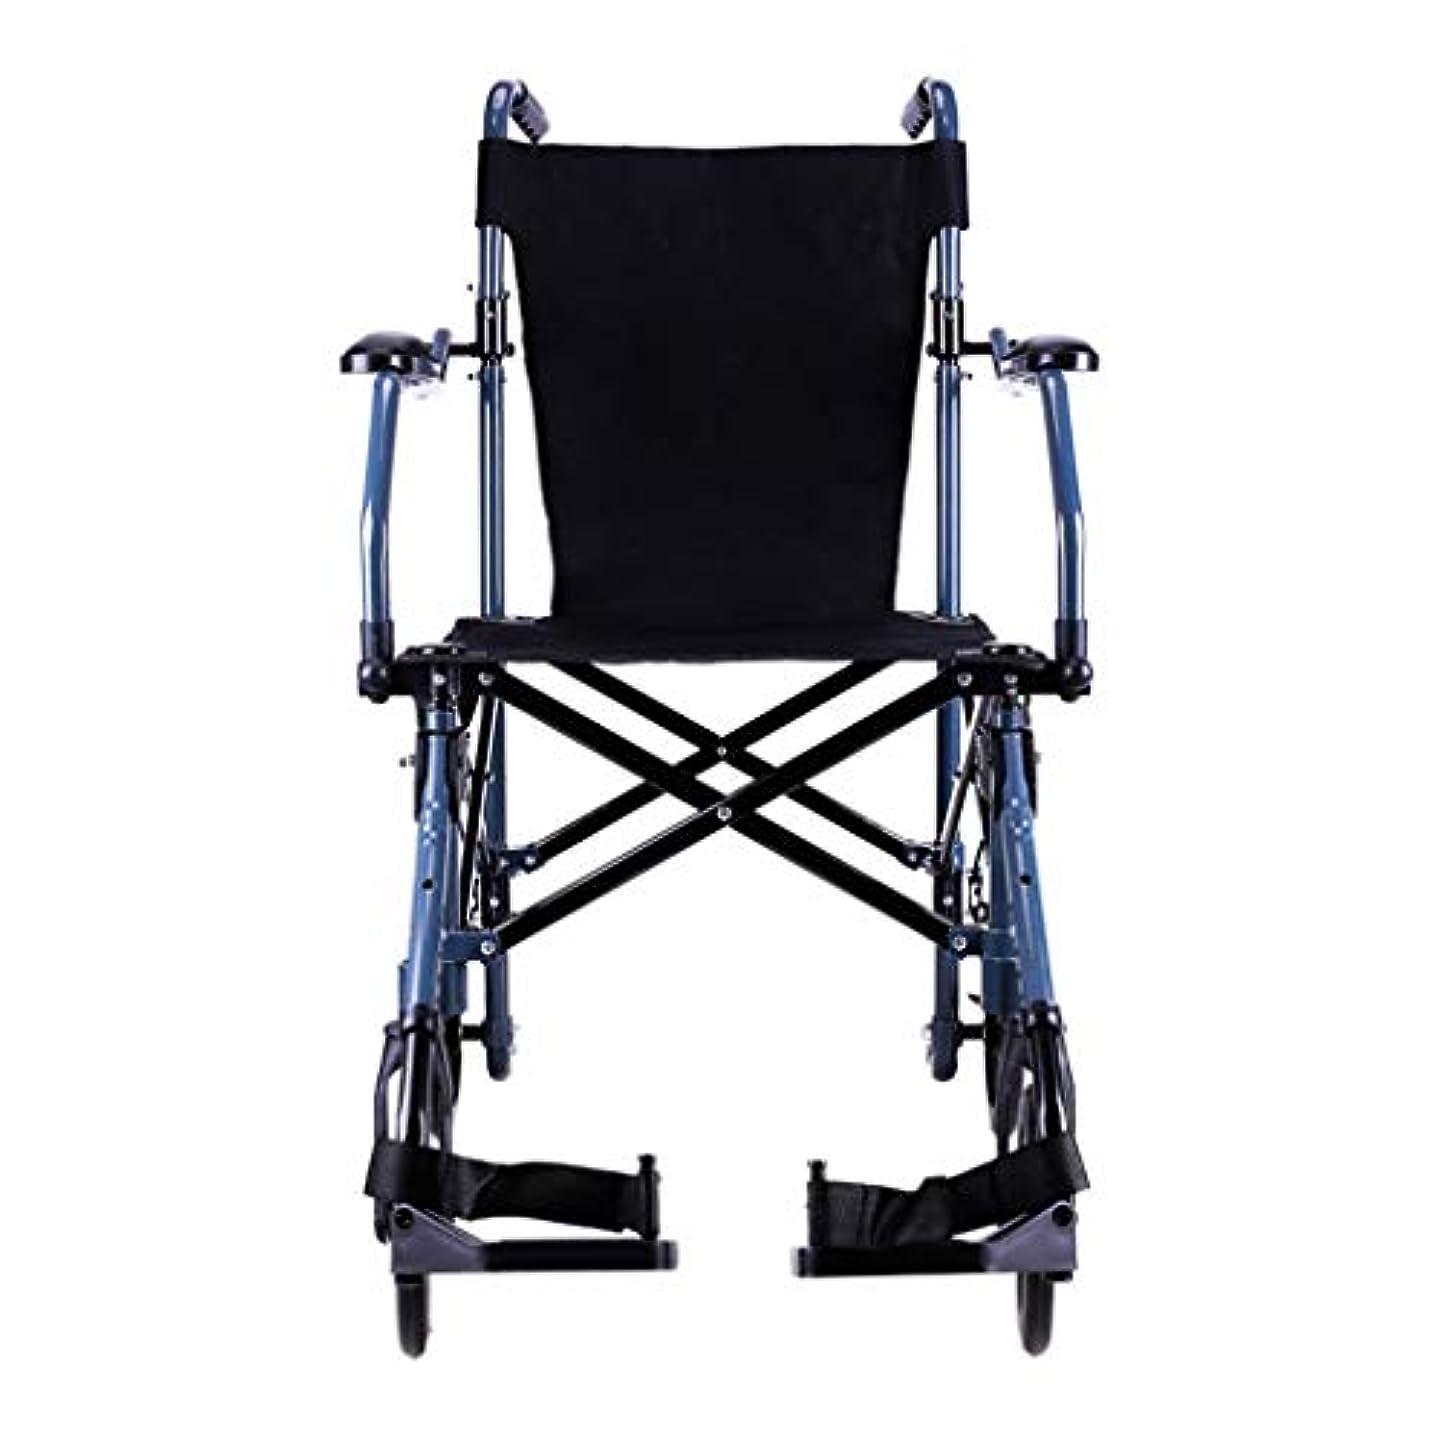 同行シェア不名誉車椅子折りたたみポータブル旅行、高齢者、身体障害者用屋外旅行車椅子、スーツケース、飛行機などに設置可能